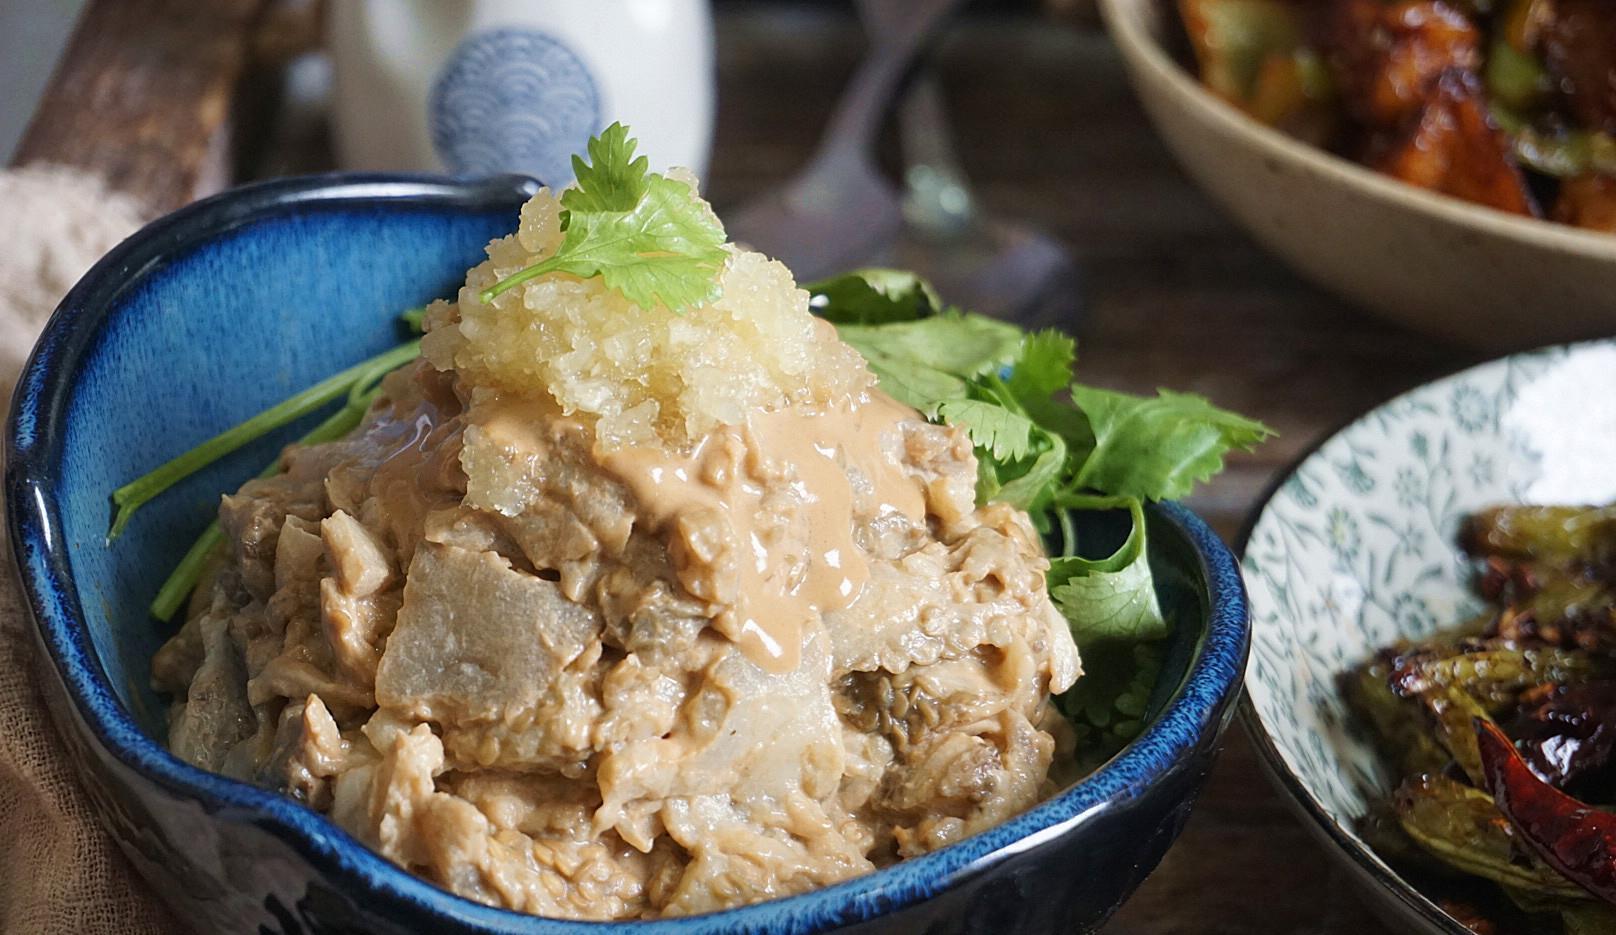 地道天津菜:凉拌茄子泥,简单一蒸不用油,营养健康,多吃不长肉